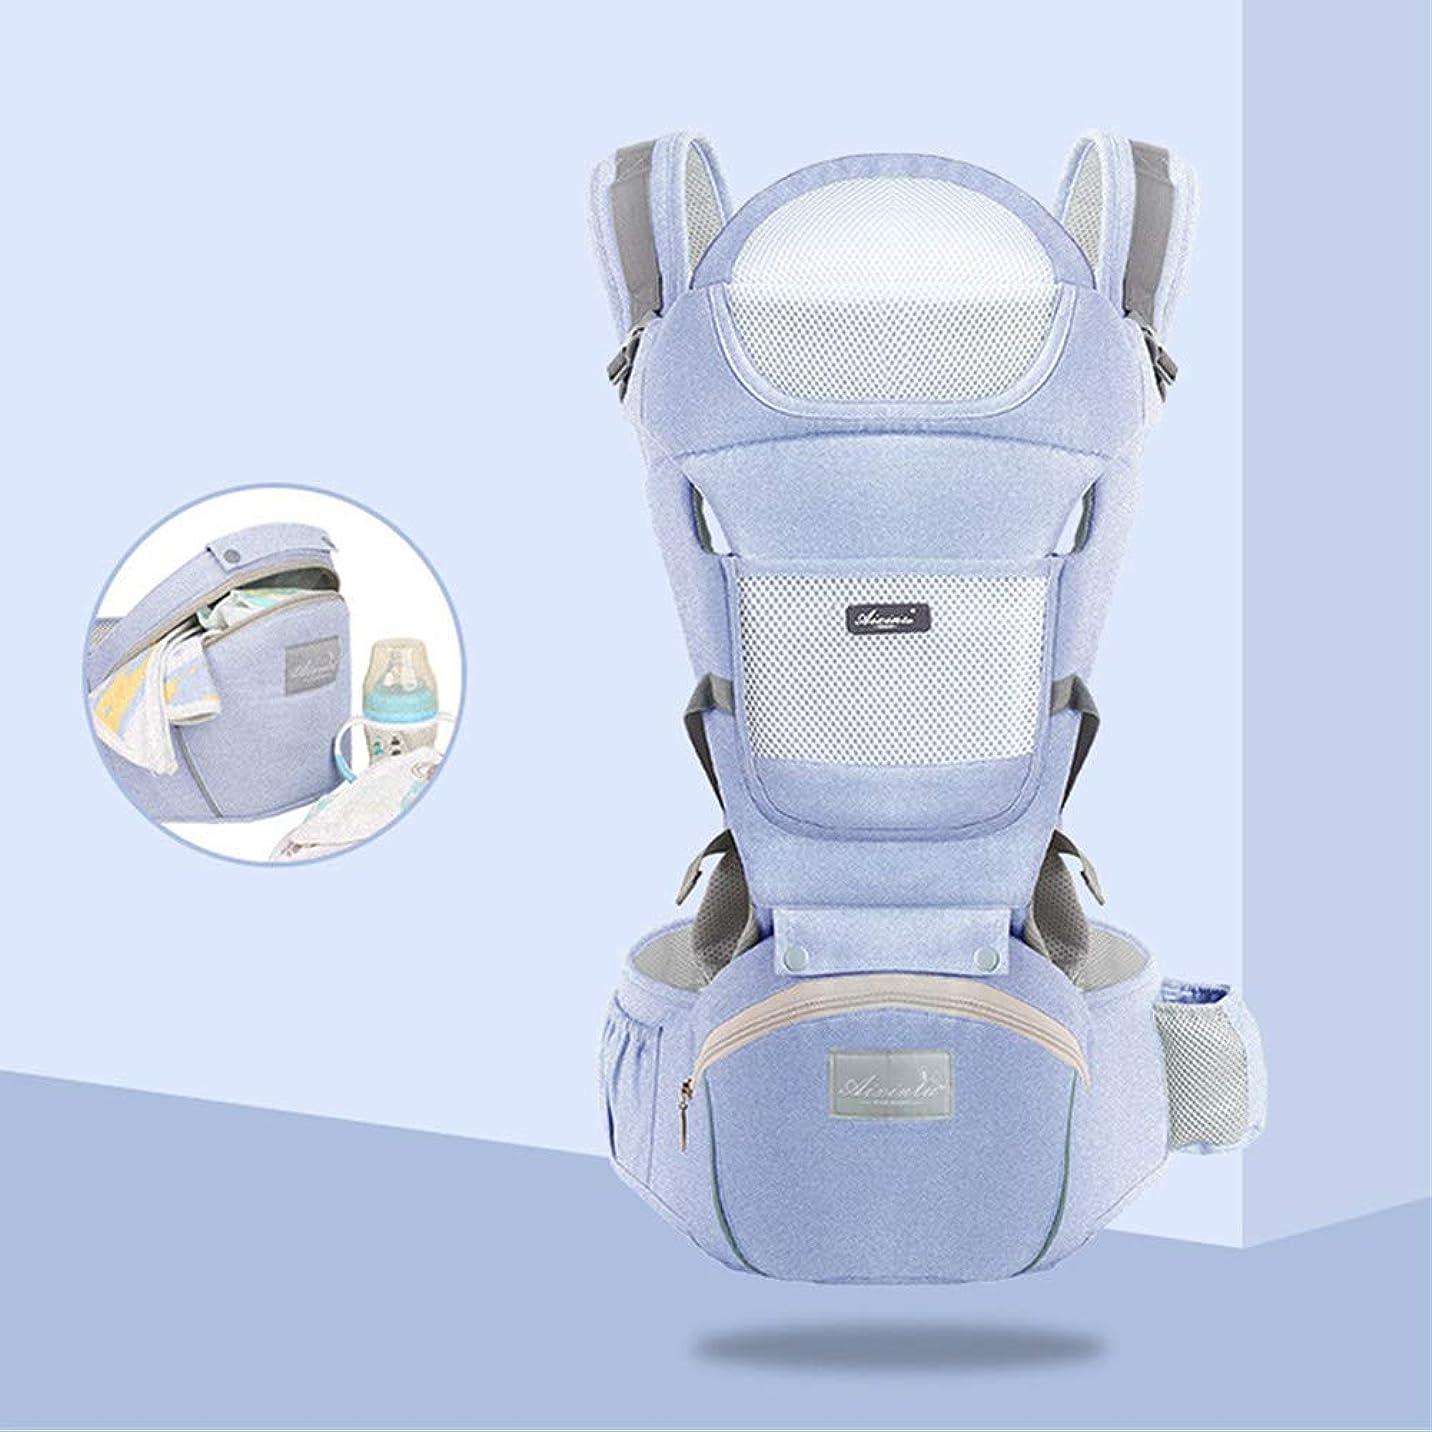 シャーロックホームズ類推記憶に残る幼児のヒップシート、幼児または新生児用の軽量ベビーキャリアラップポータブル多位置安全ベビースリング理想的なギフト